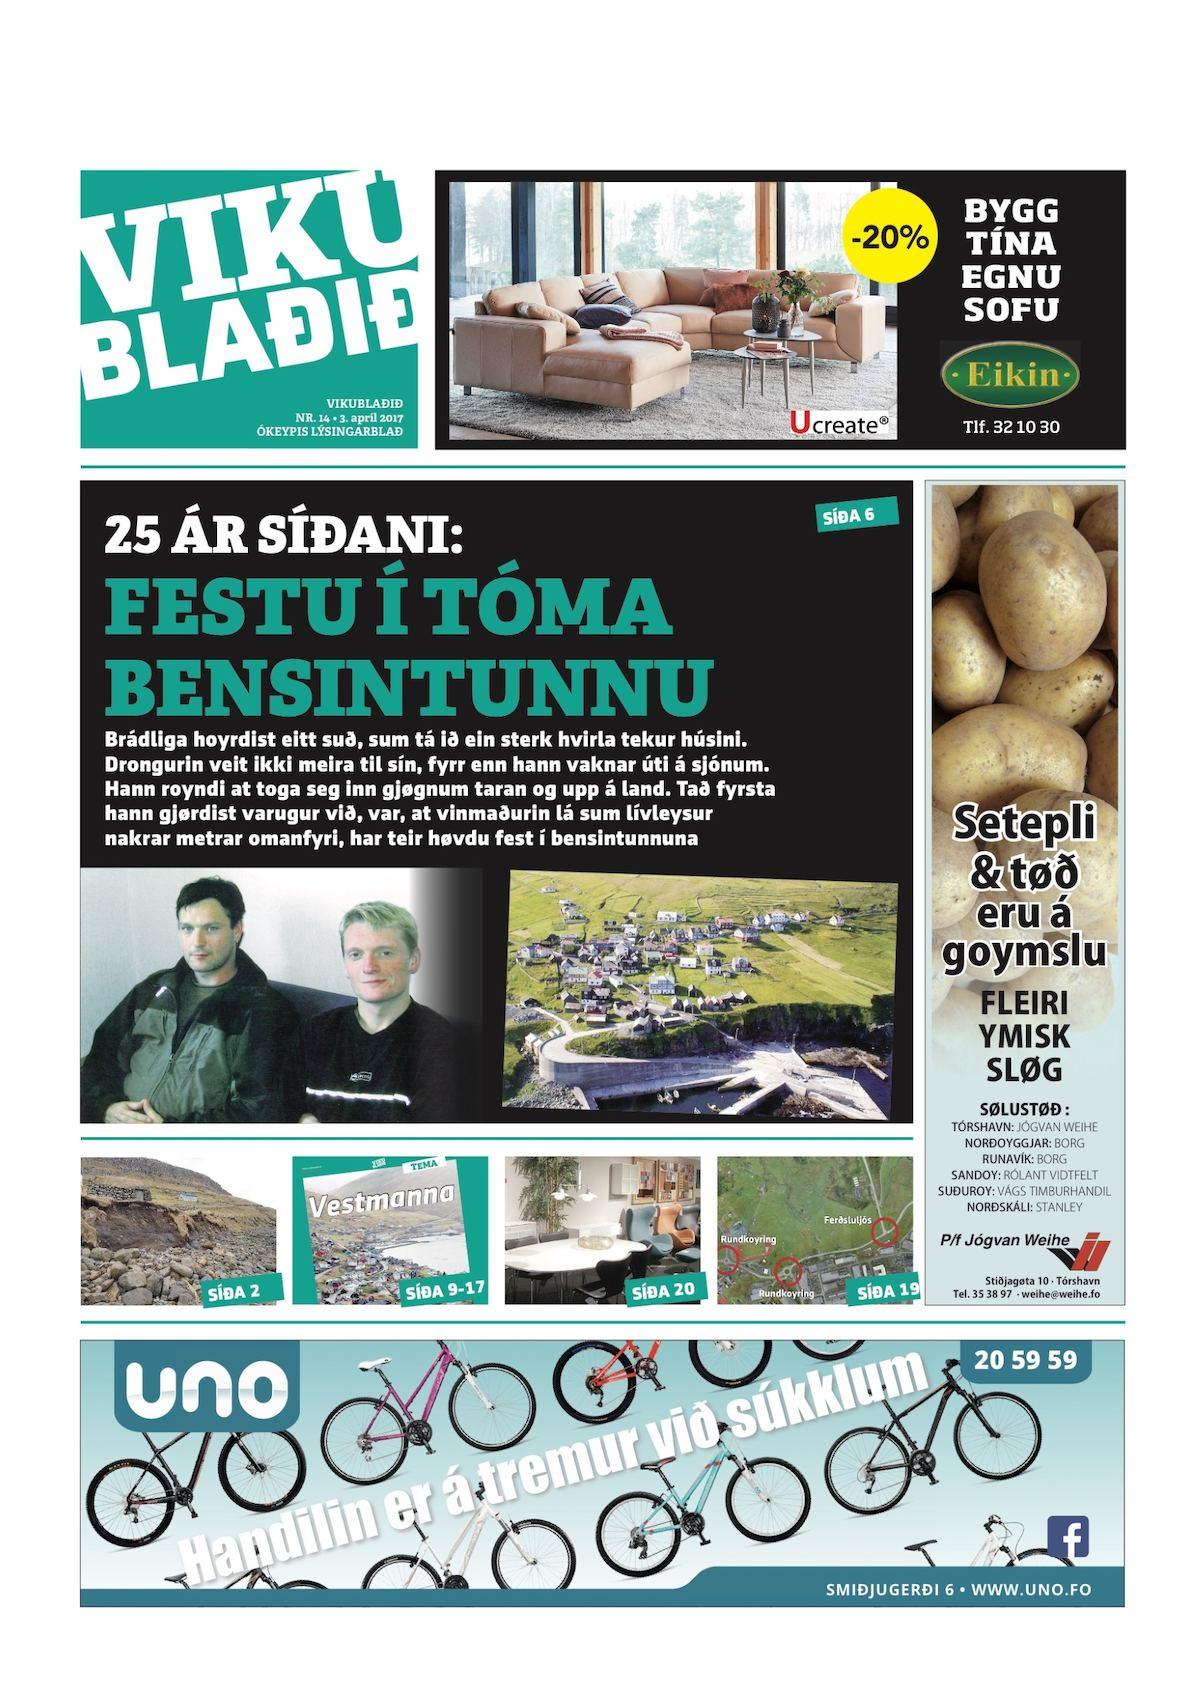 Vikublaðið 3. apr. 2017